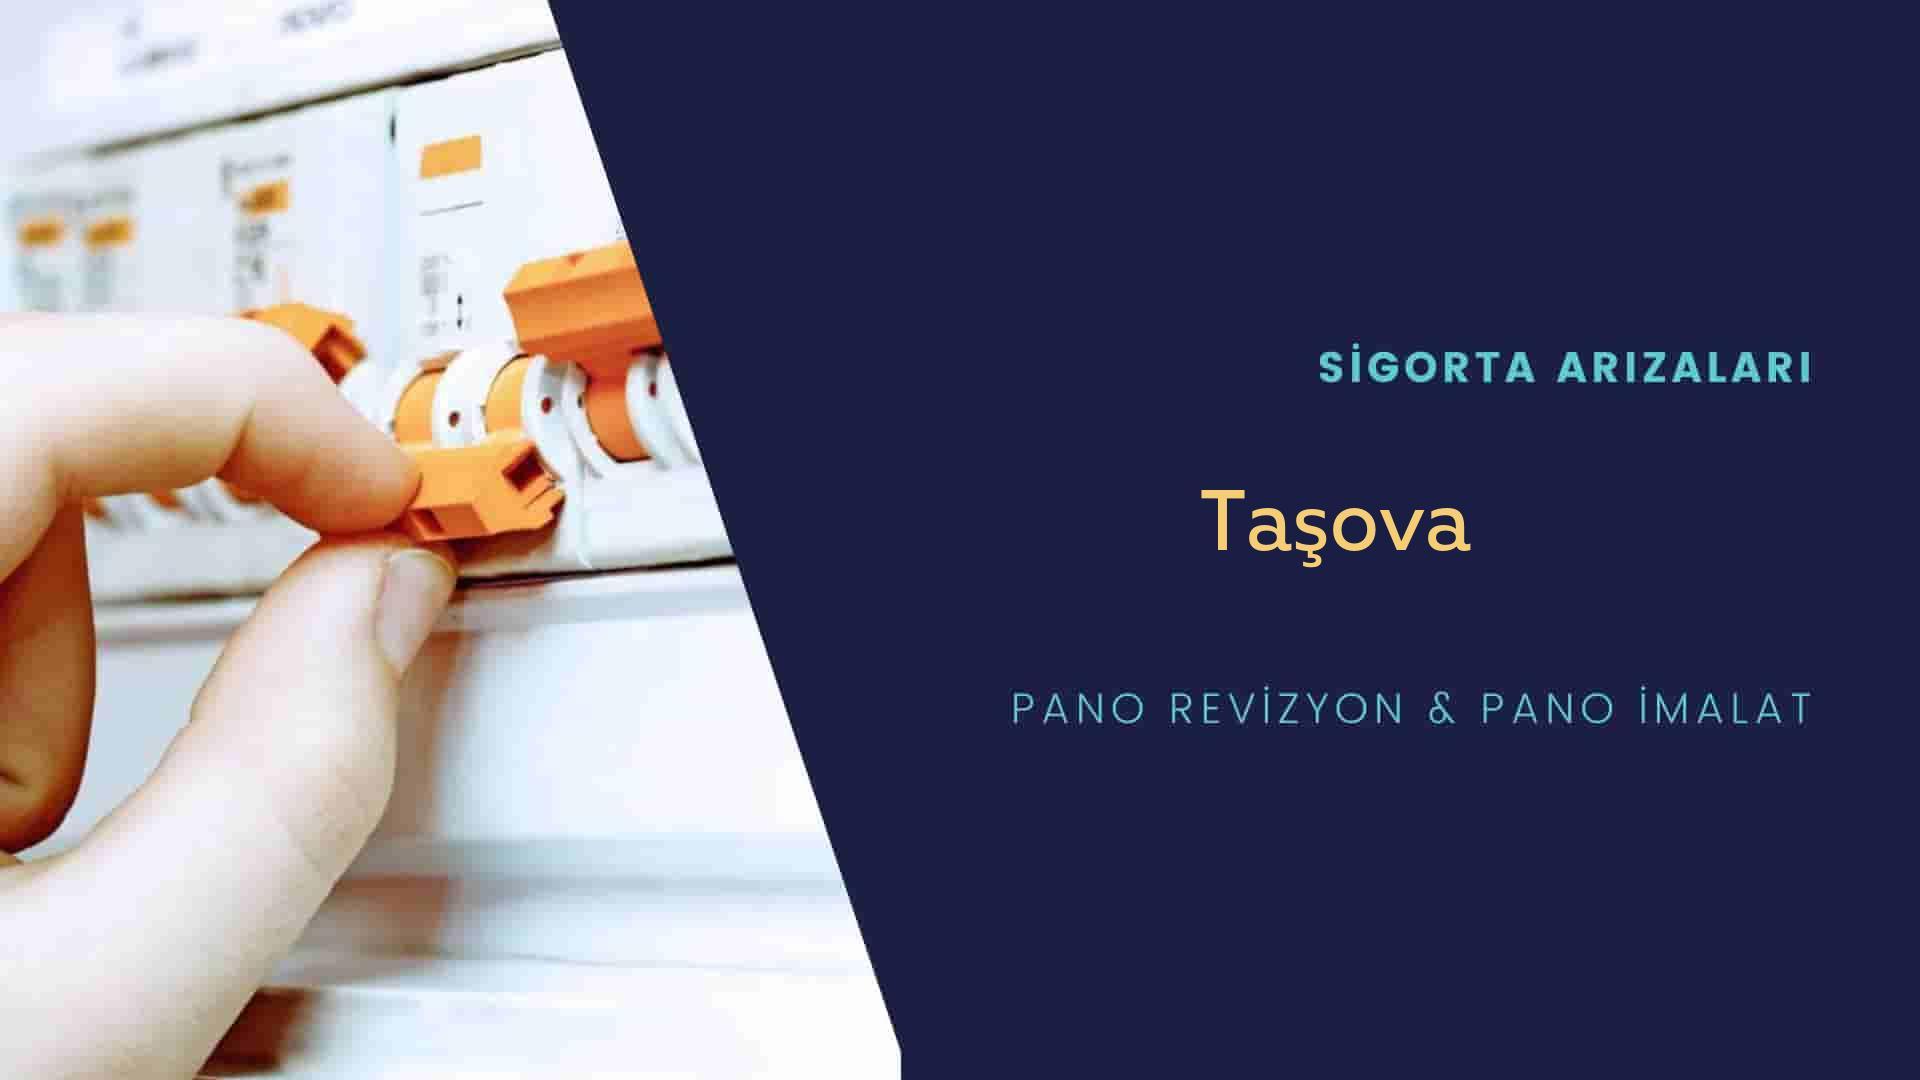 Taşova Sigorta Arızaları İçin Profesyonel Elektrikçi ustalarımızı dilediğiniz zaman arayabilir talepte bulunabilirsiniz.